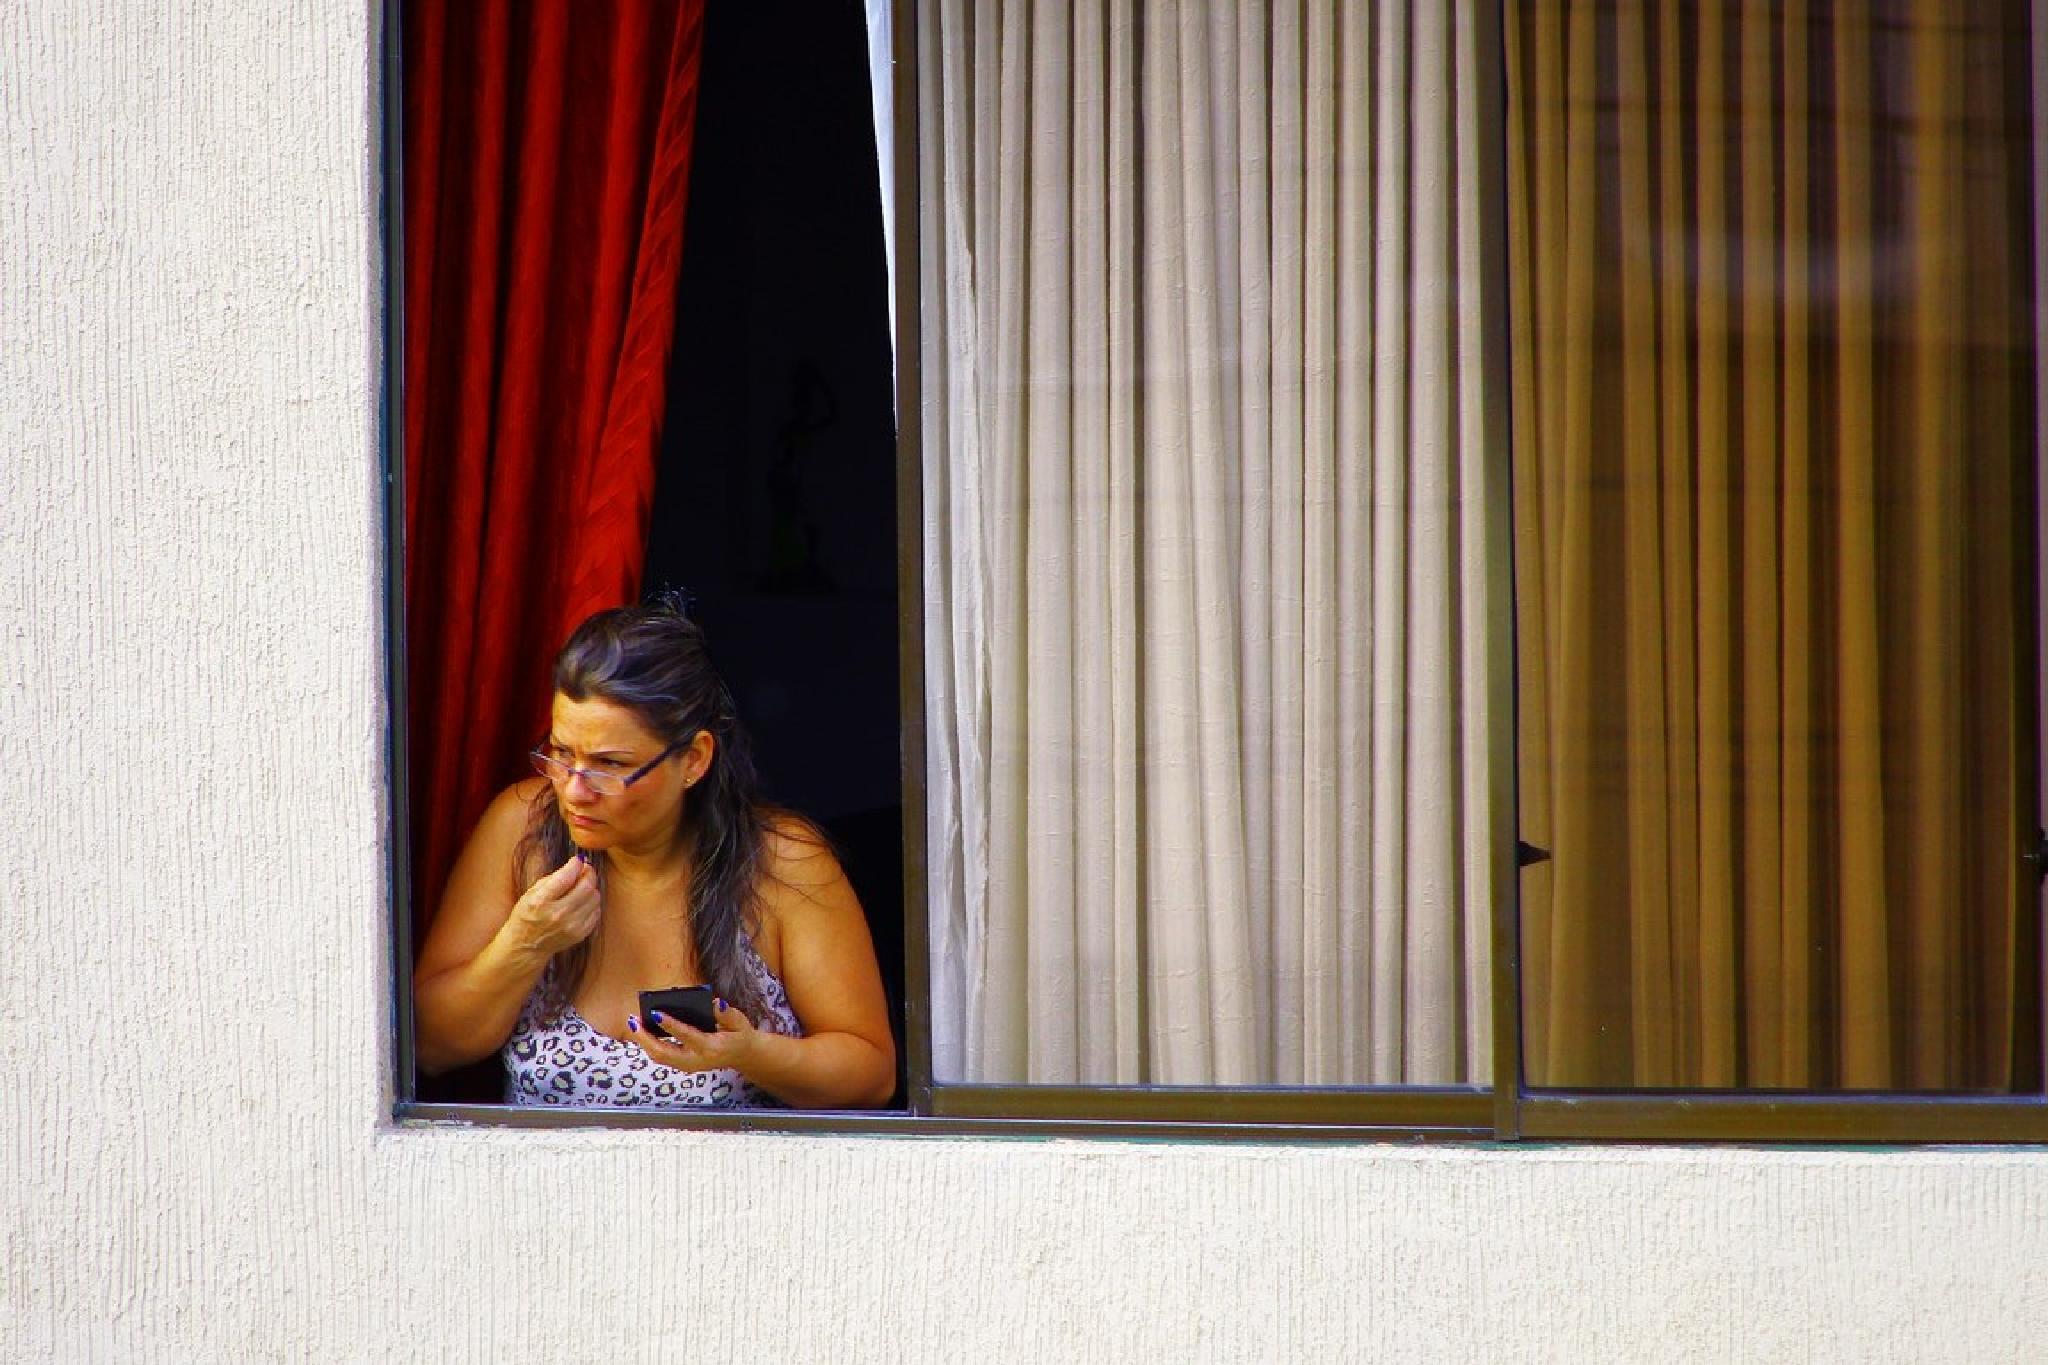 Something caught her eye by Dan Steeves